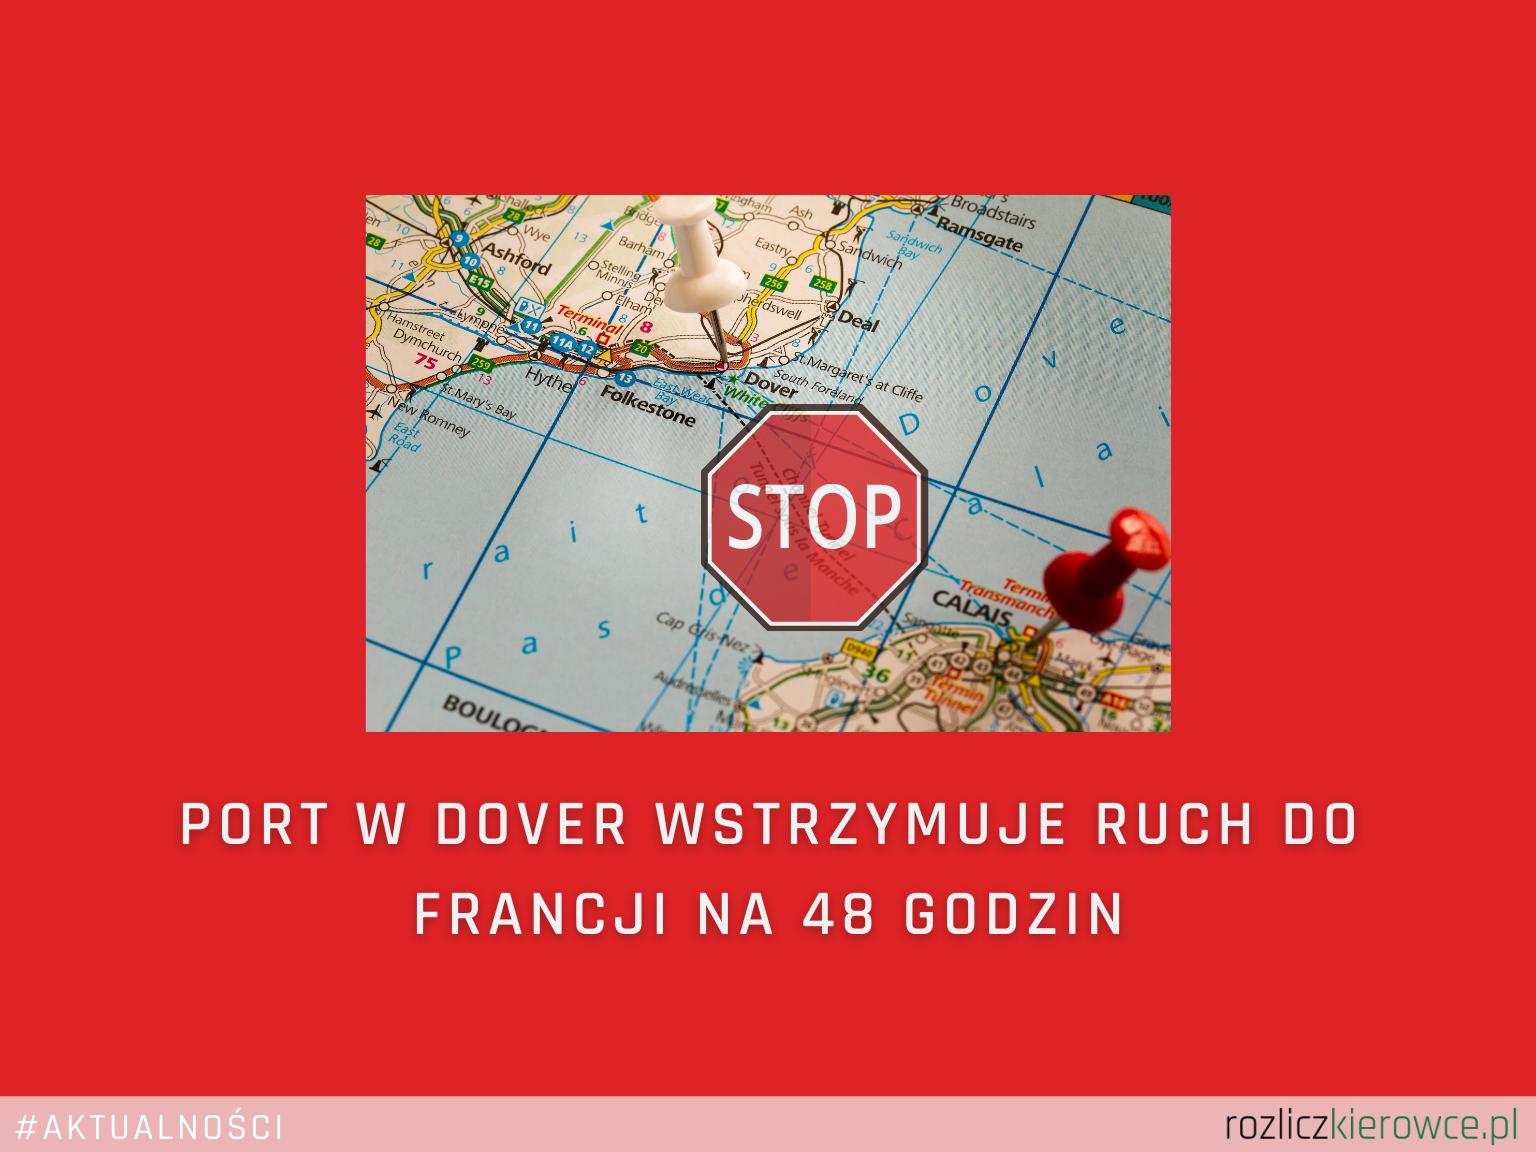 Port w Dover wstrzymuje ruch do Francji na 48 godzin